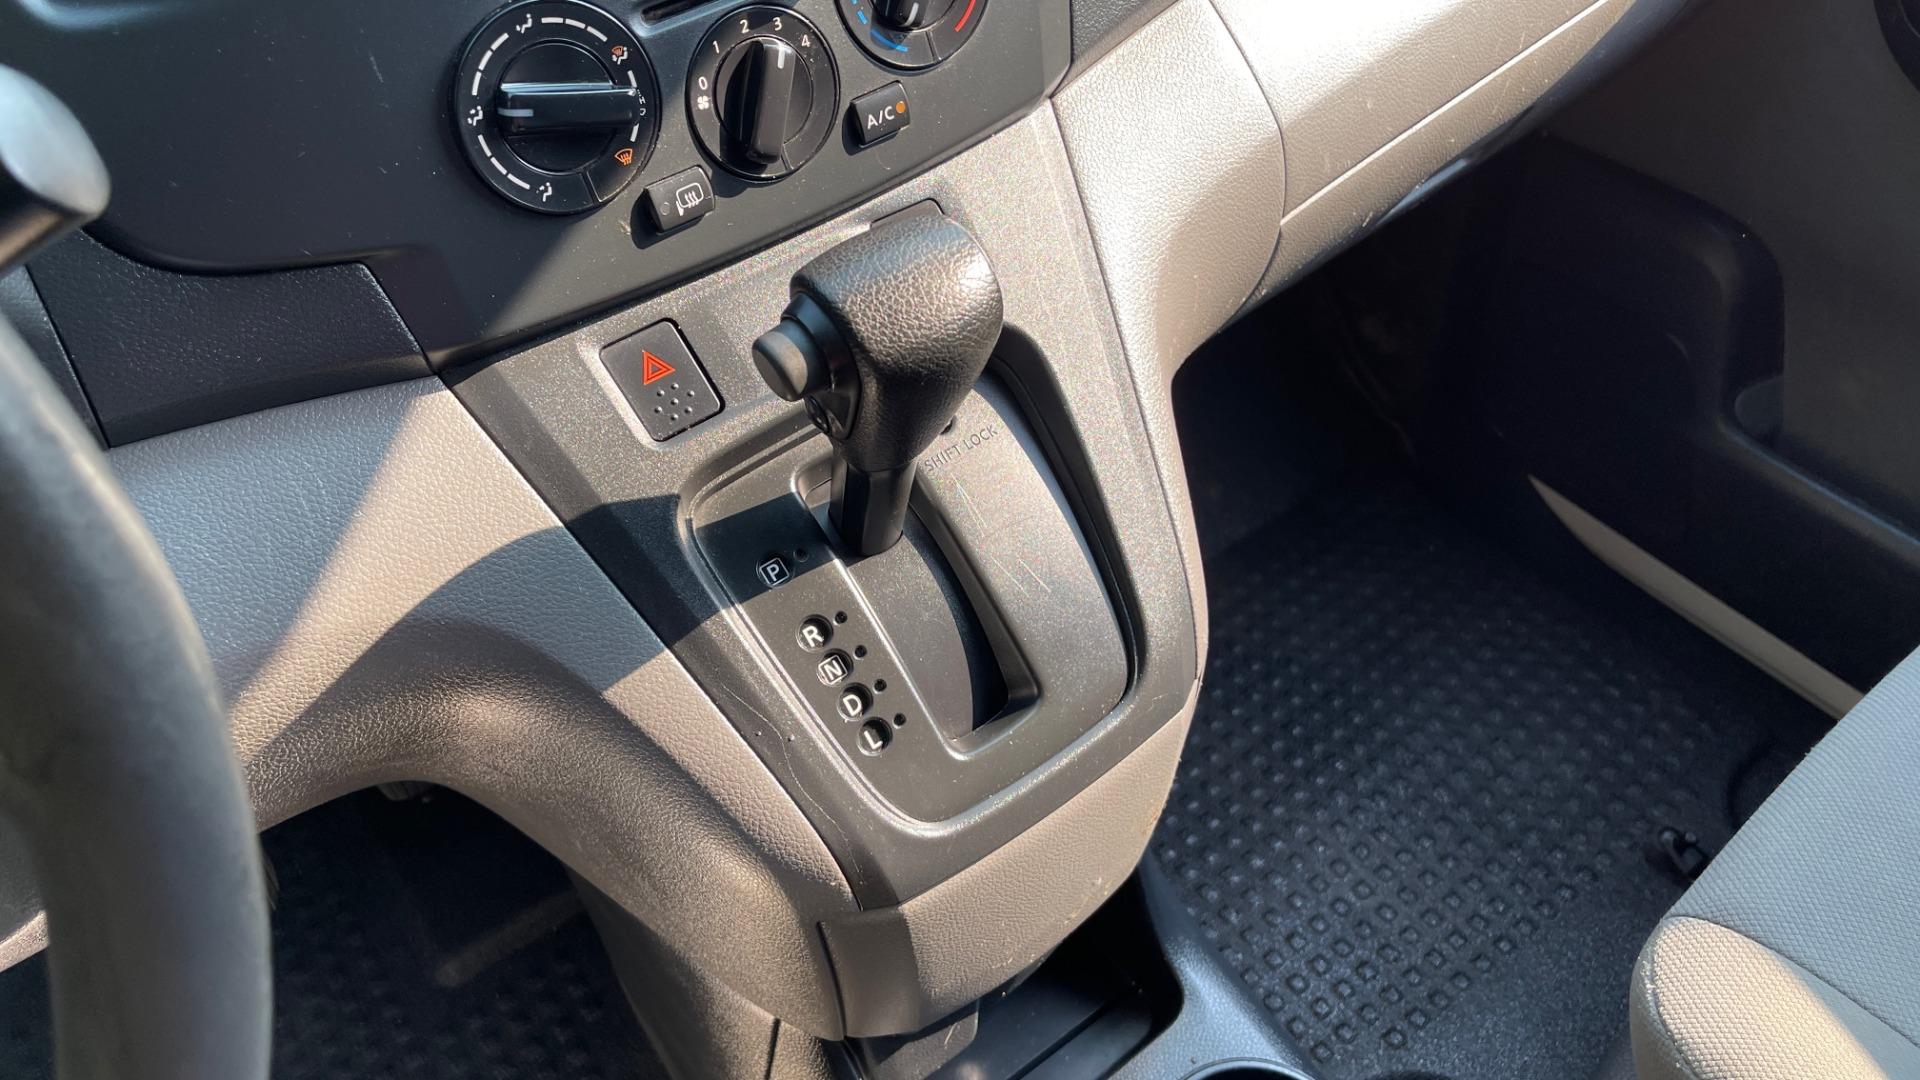 Used 2016 Nissan NV200 SV / WORK VAN / EXT APPEARNACE PKG / SPLASH GUARDS for sale $15,400 at Formula Imports in Charlotte NC 28227 32